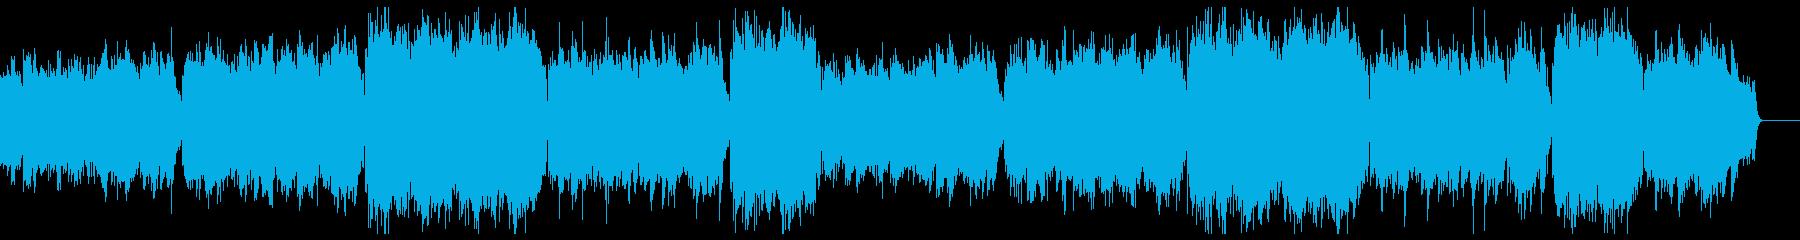 穏やかで暖かいピアノアルペジオ:フルx2の再生済みの波形